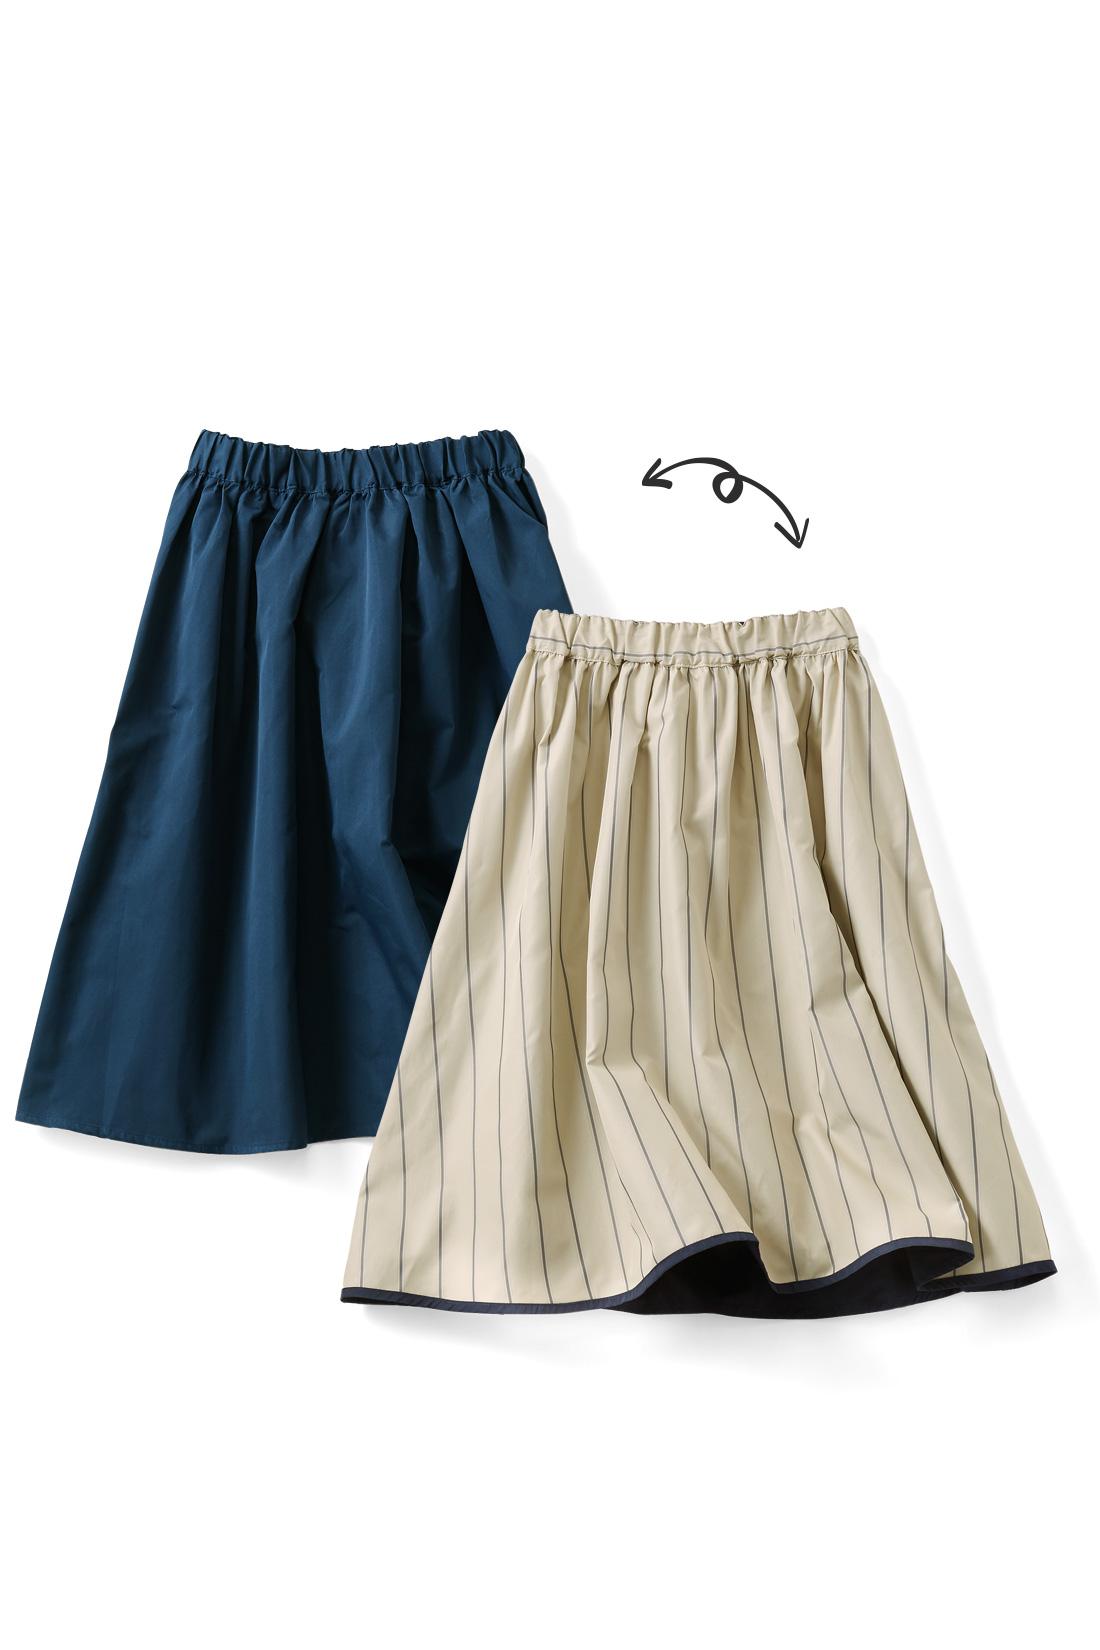 〈ネイビー〉 着こなしの幅を広げる2-WAYスカートで印象を自由にスイッチ!